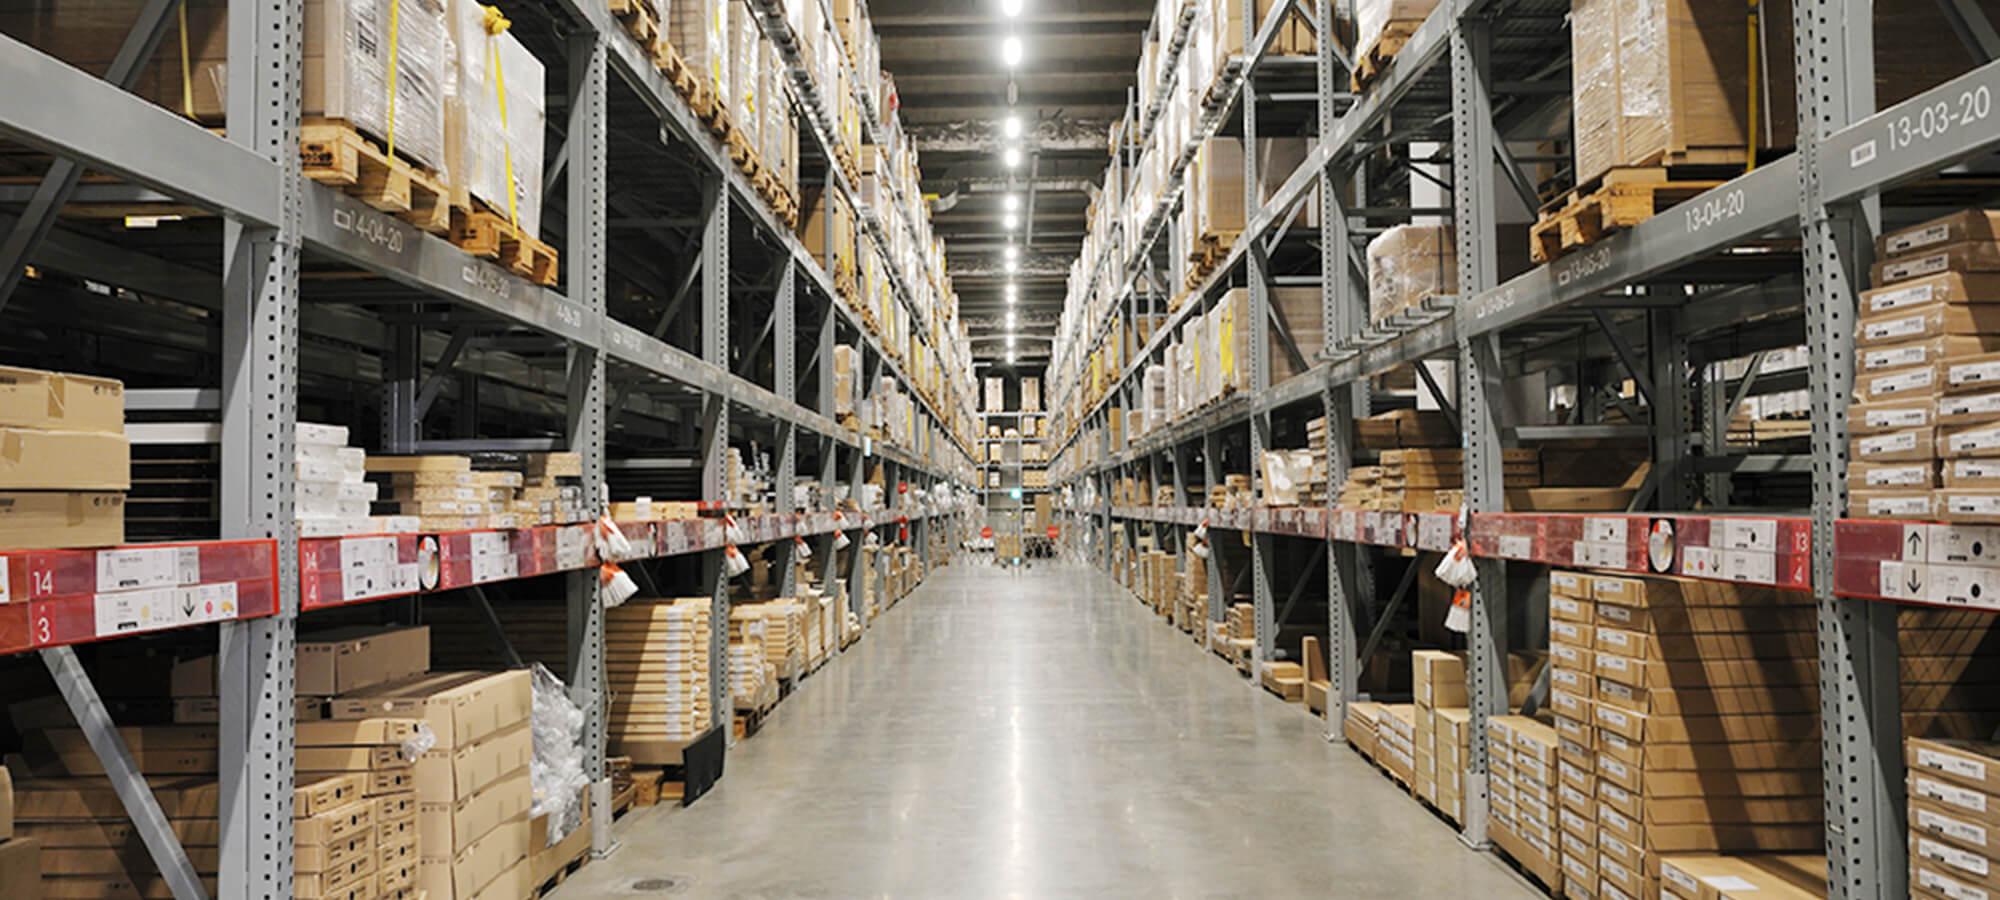 不測かつ突発的な事故による商品の損害に備える